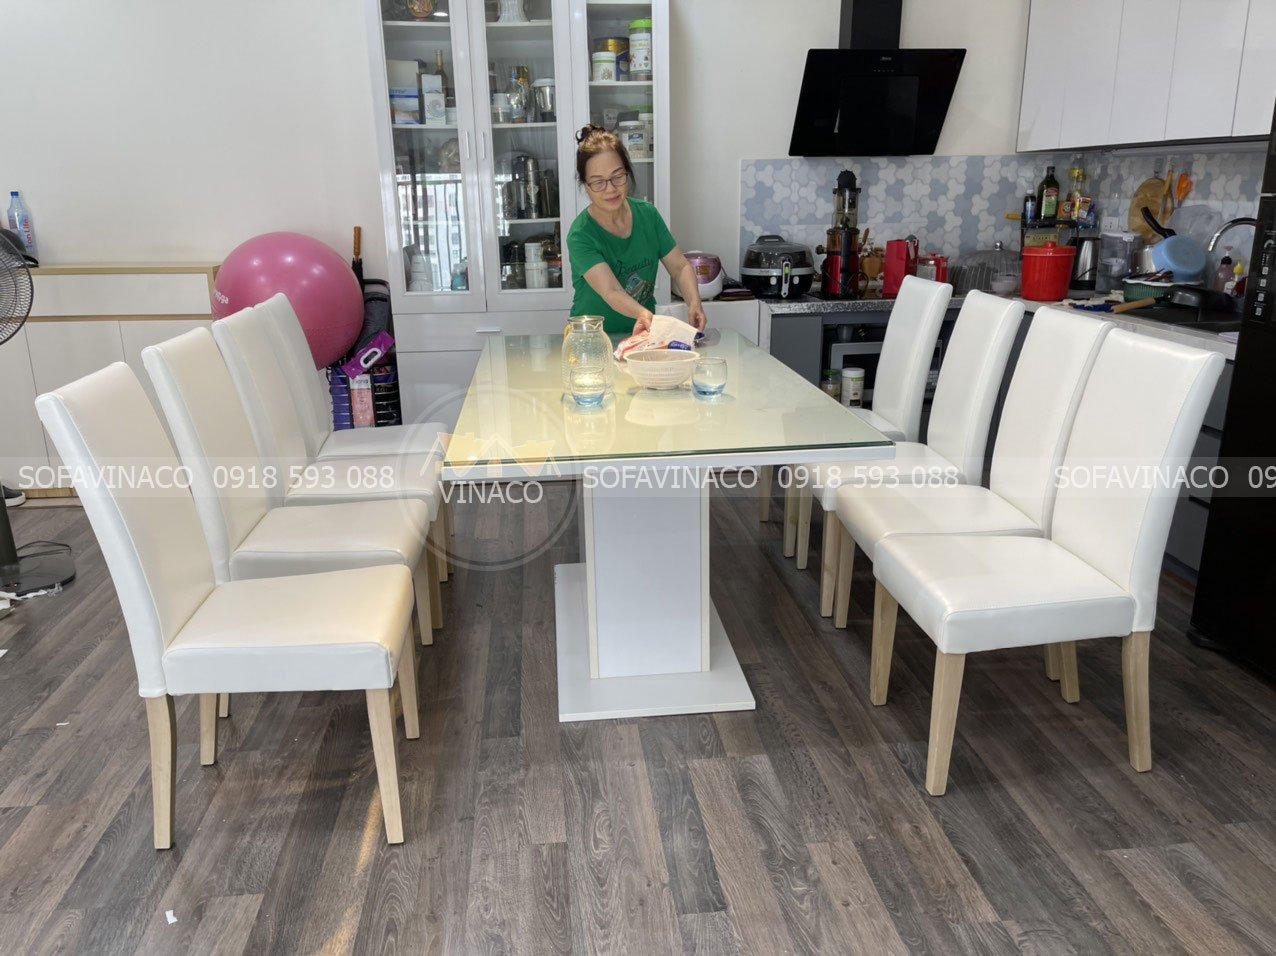 Bộ bàn ghế hoàn chỉnh khi được đặt hoàn chỉnh